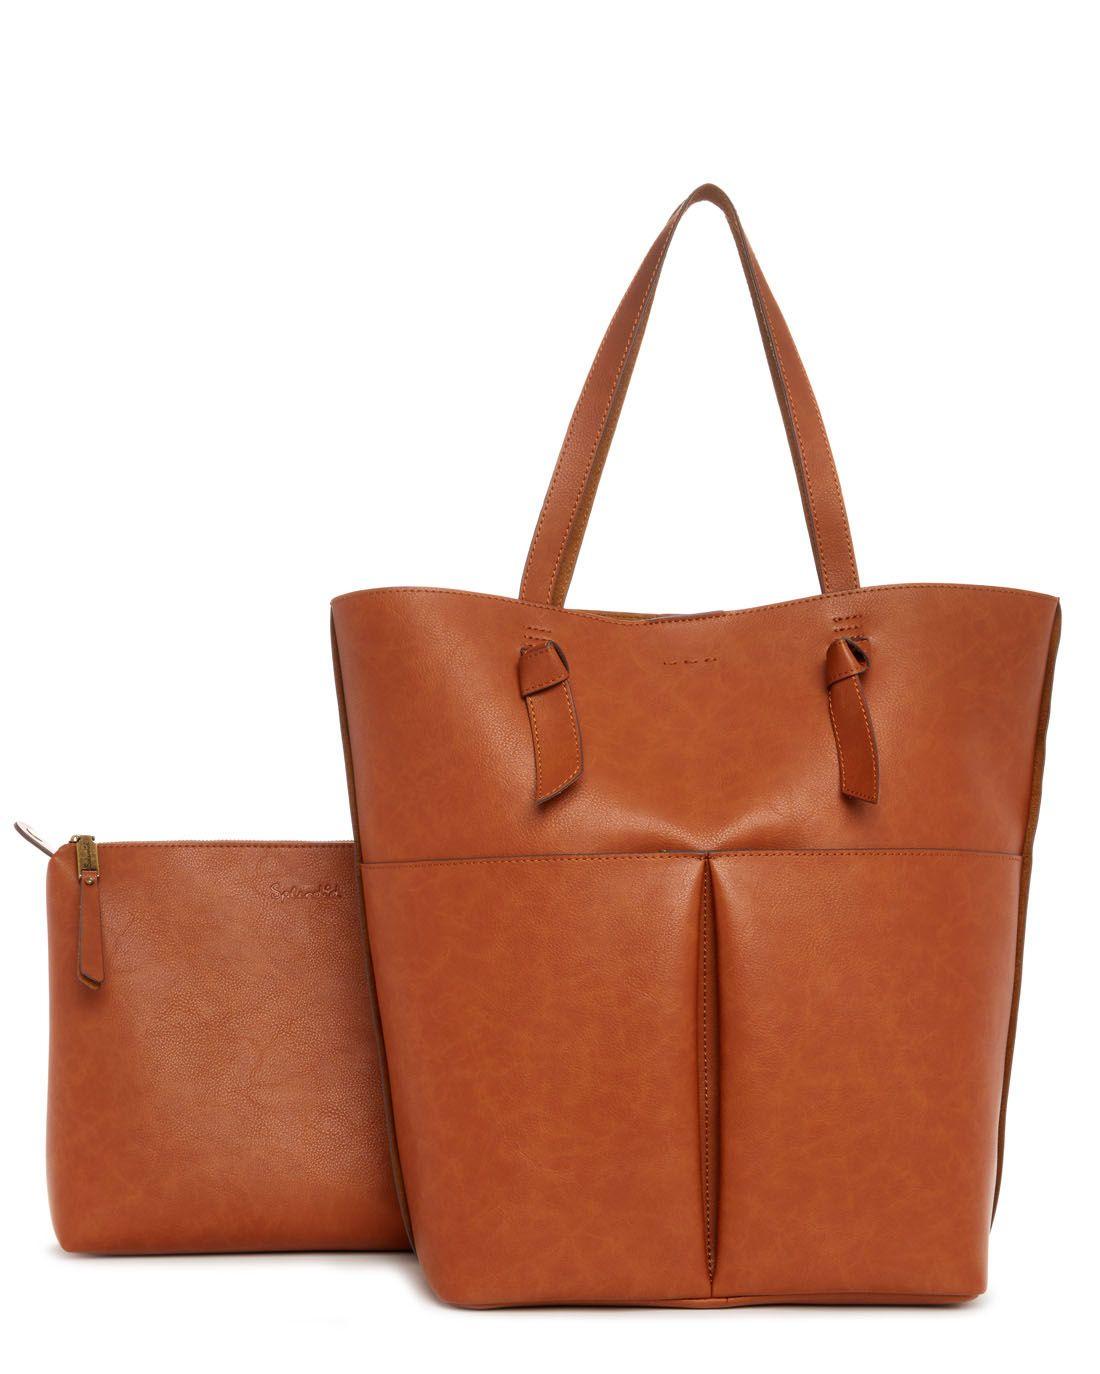 1e2075fb186 Bodega Tote- SPLENDID   Bags   Bags, Backpack bags, Vegan handbags